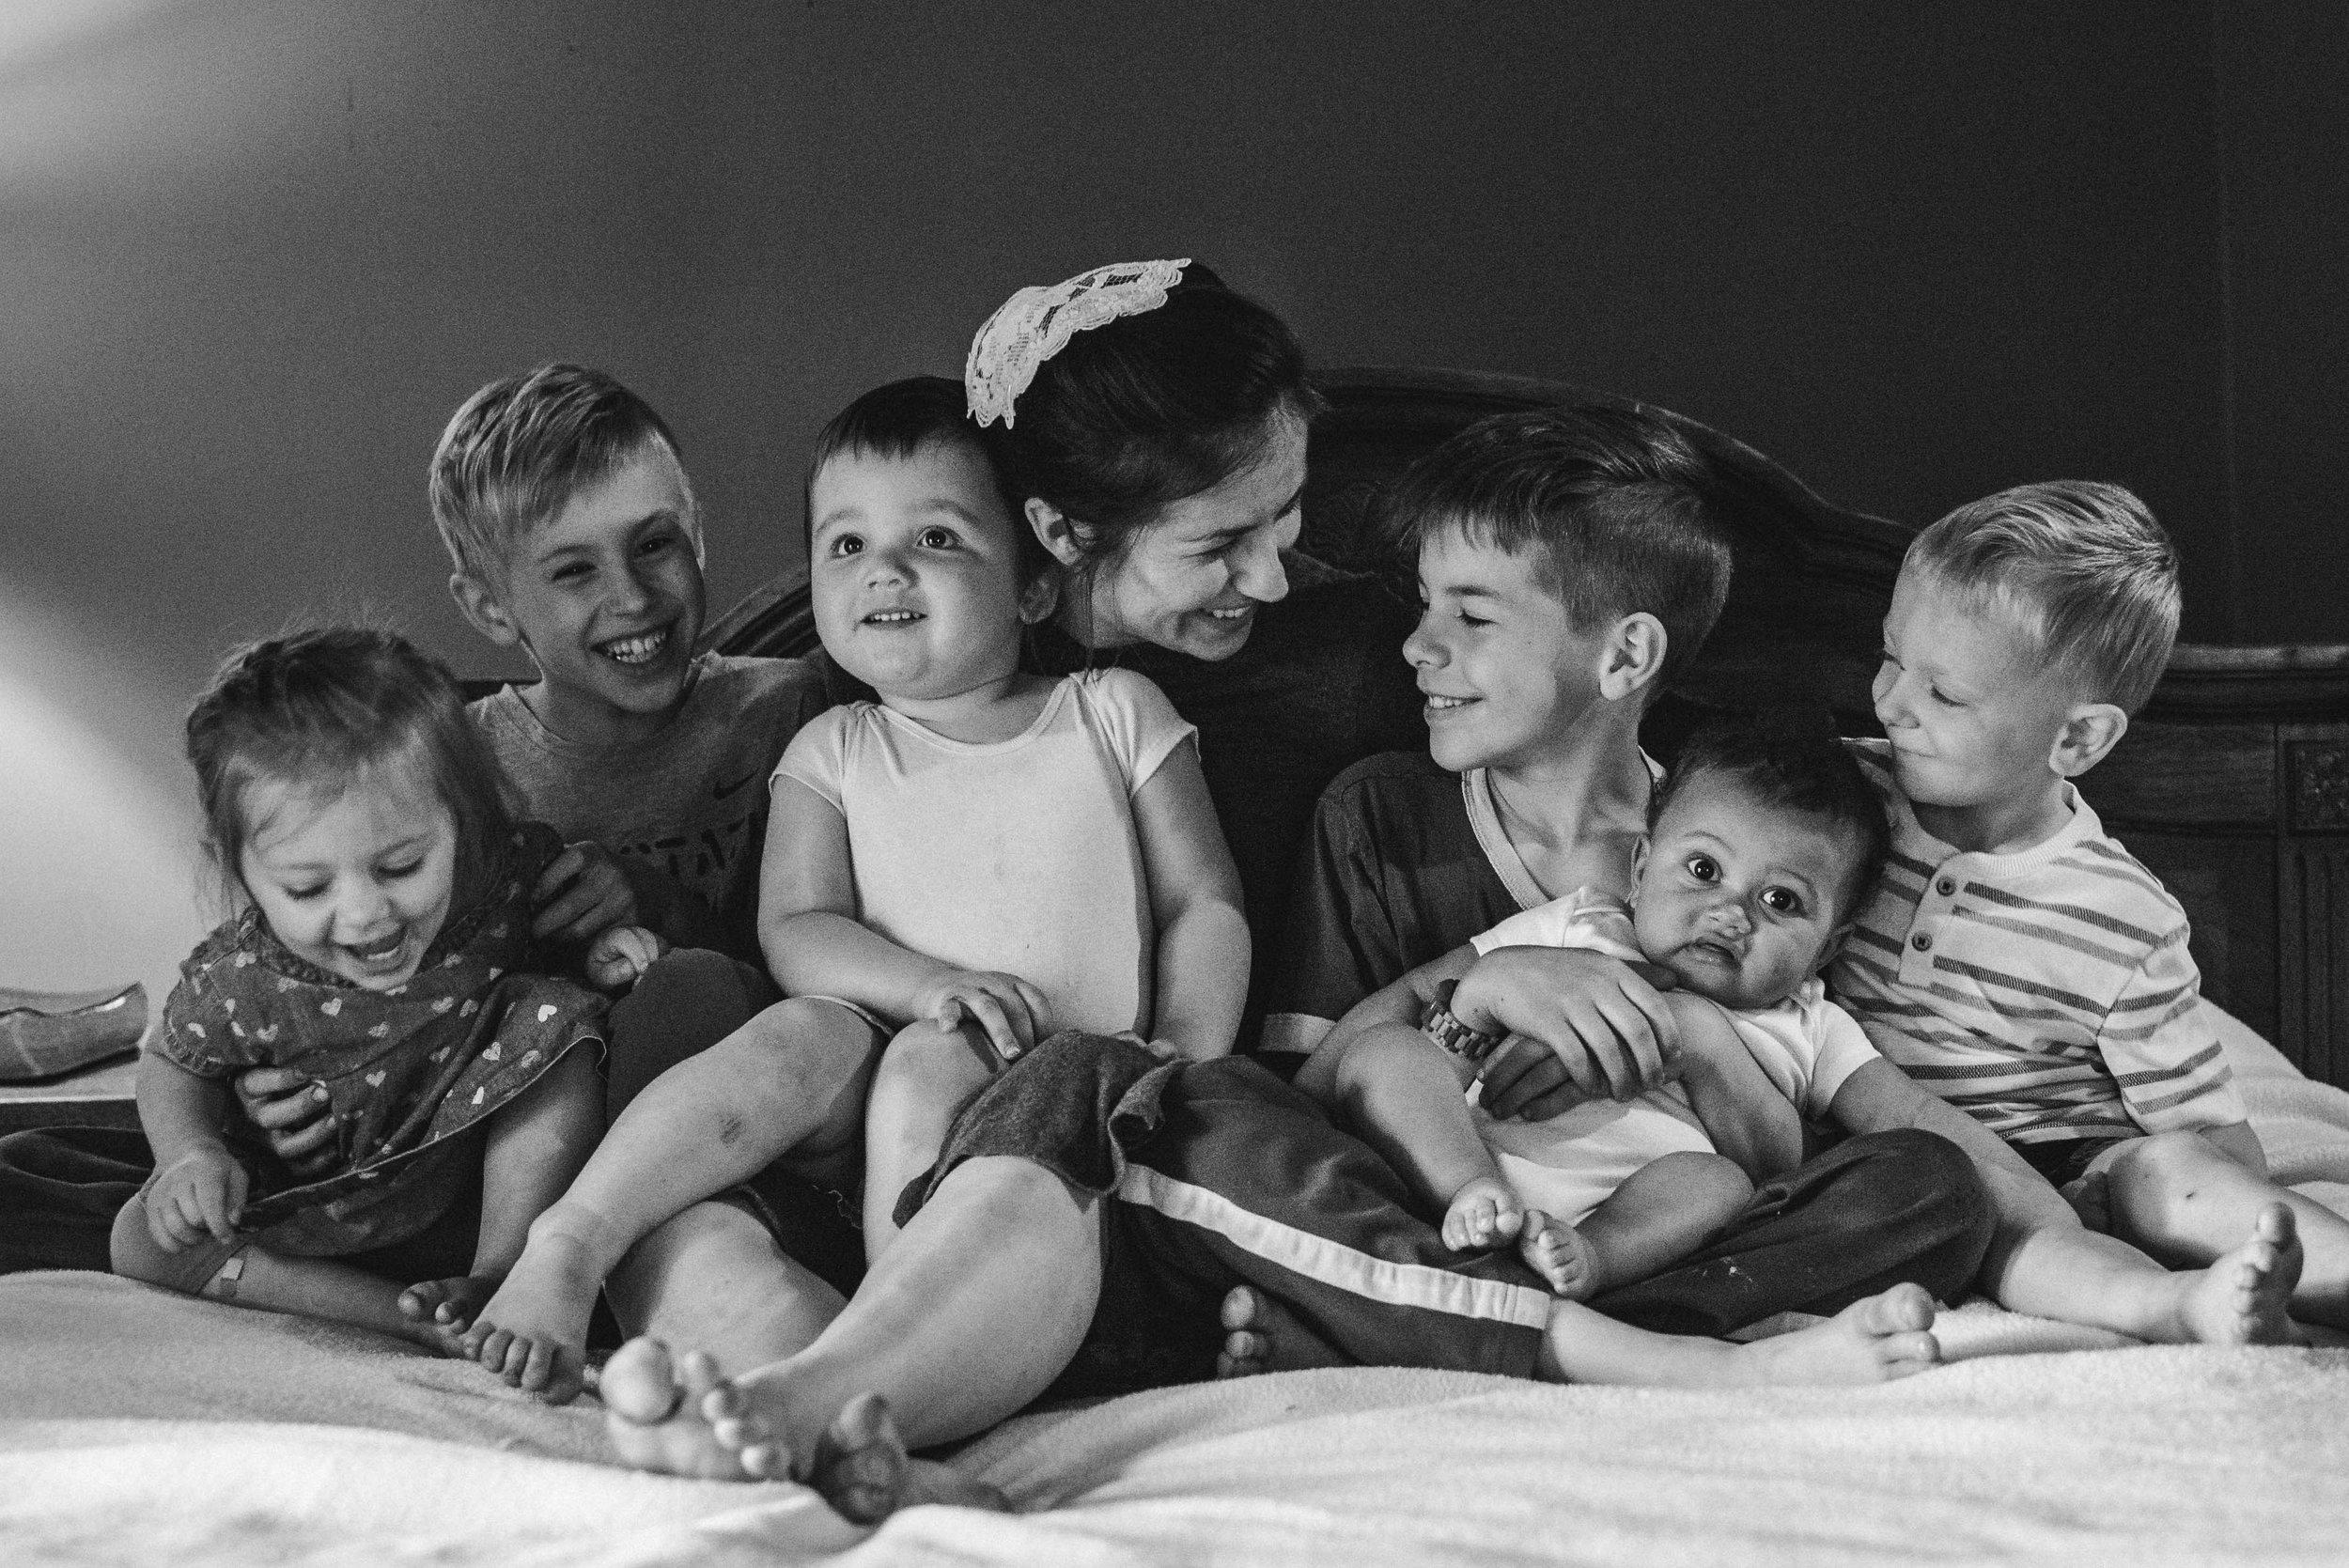 christi-stoner-photography-lancaster-pa-children-2-3.JPG